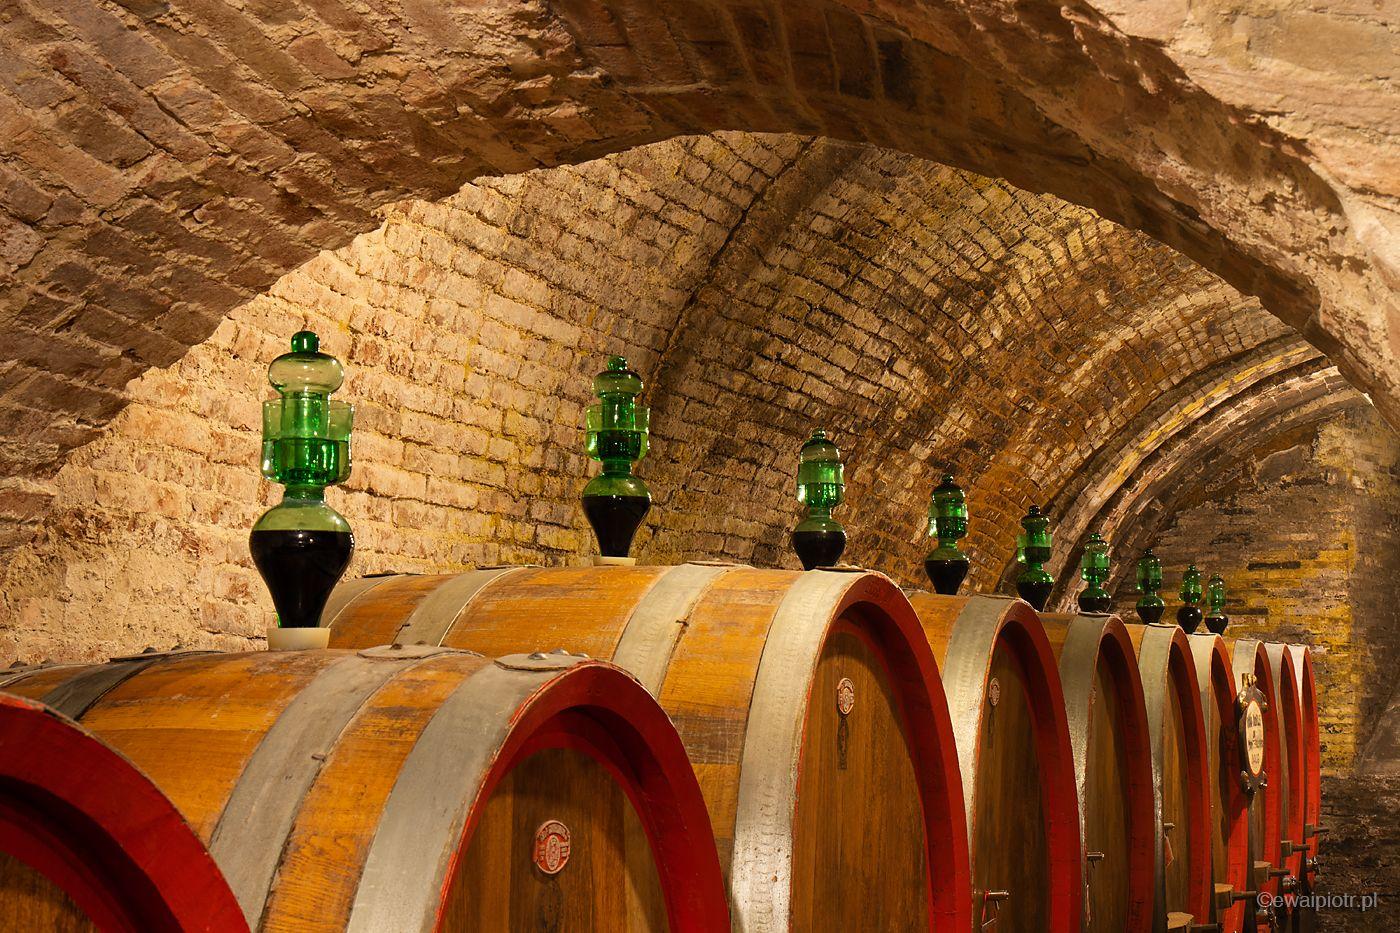 Beczki z winem w Montepulciano, Toskania